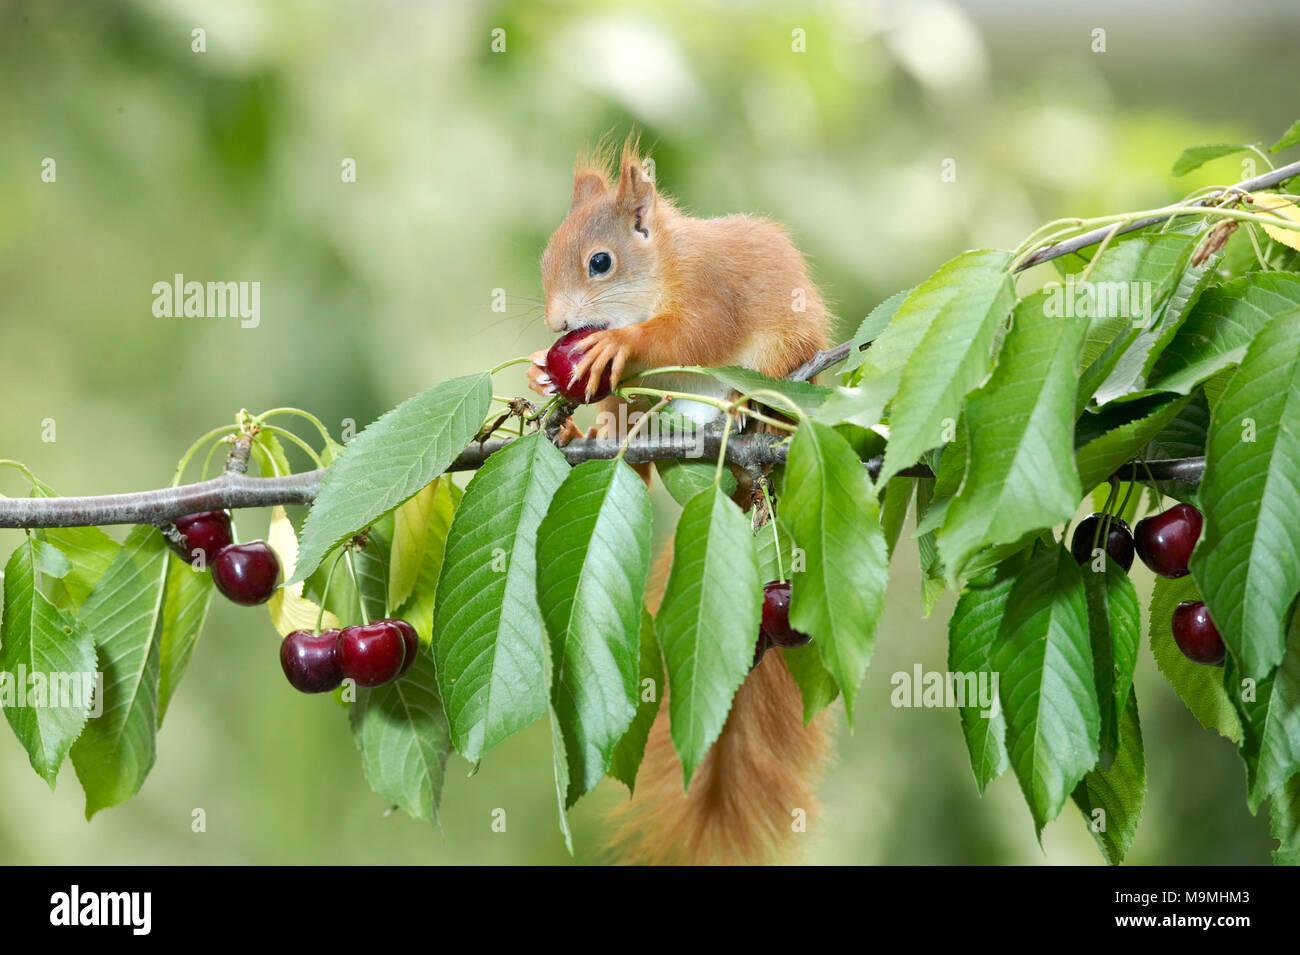 Unión ardilla roja (Sciurus vulgaris). Adulto comiendo una cereza en un cerezo. Alemania Imagen De Stock